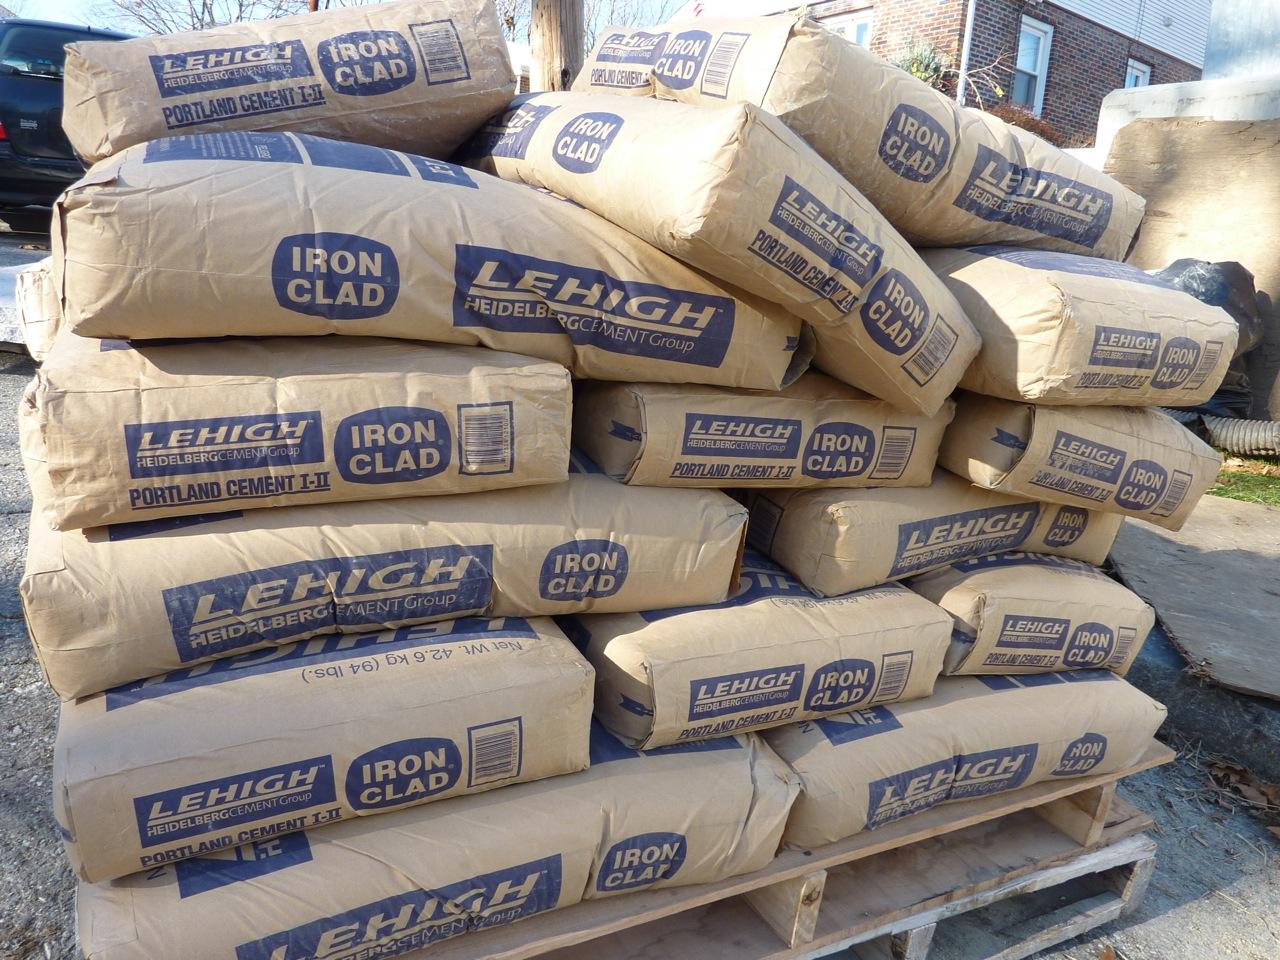 اسعار الاسمنت في مصر اليوم الاربعاء 26-3-2014 , سعر الاسمنت المصر اليوم 26 مارس 2014